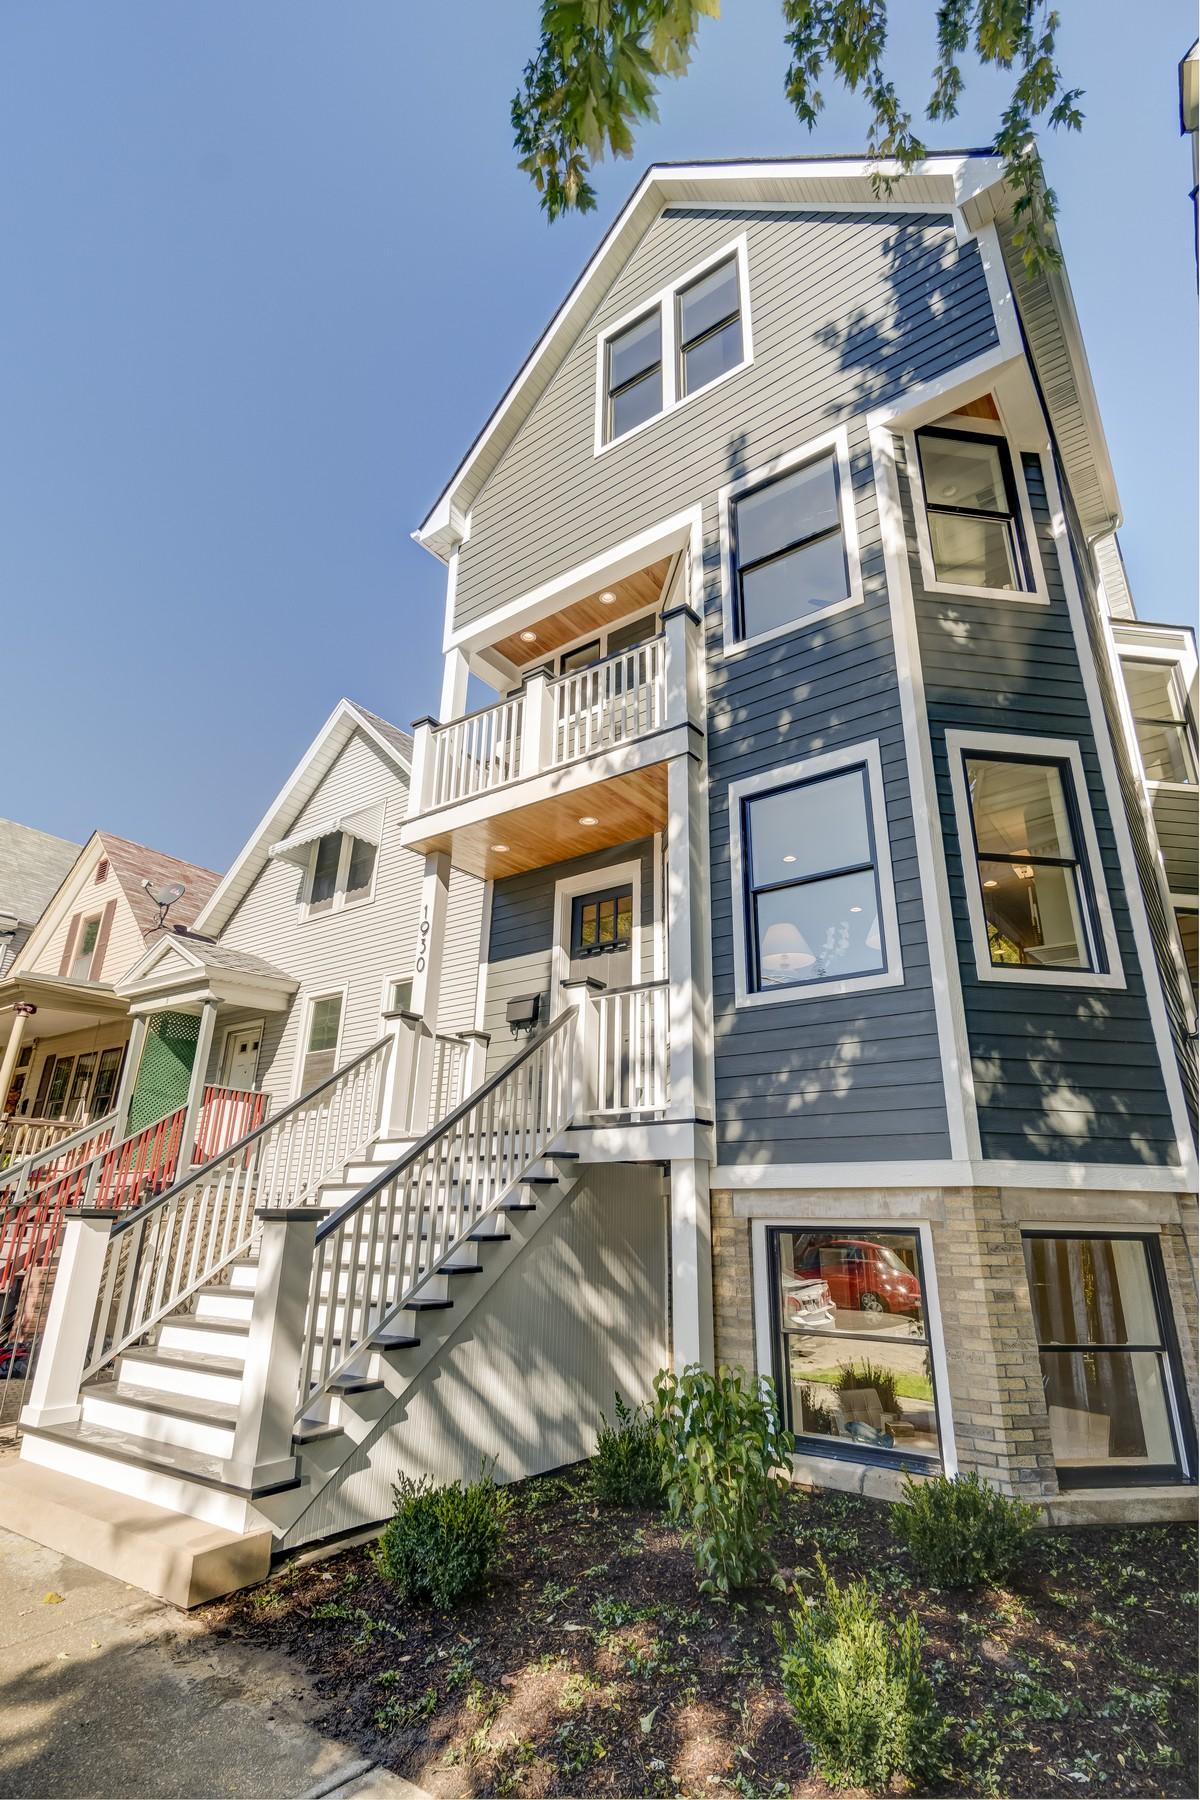 独户住宅 为 销售 在 Elegant New Home 1930 W Henderson Avenue 芝加哥, 伊利诺斯州, 60657 美国